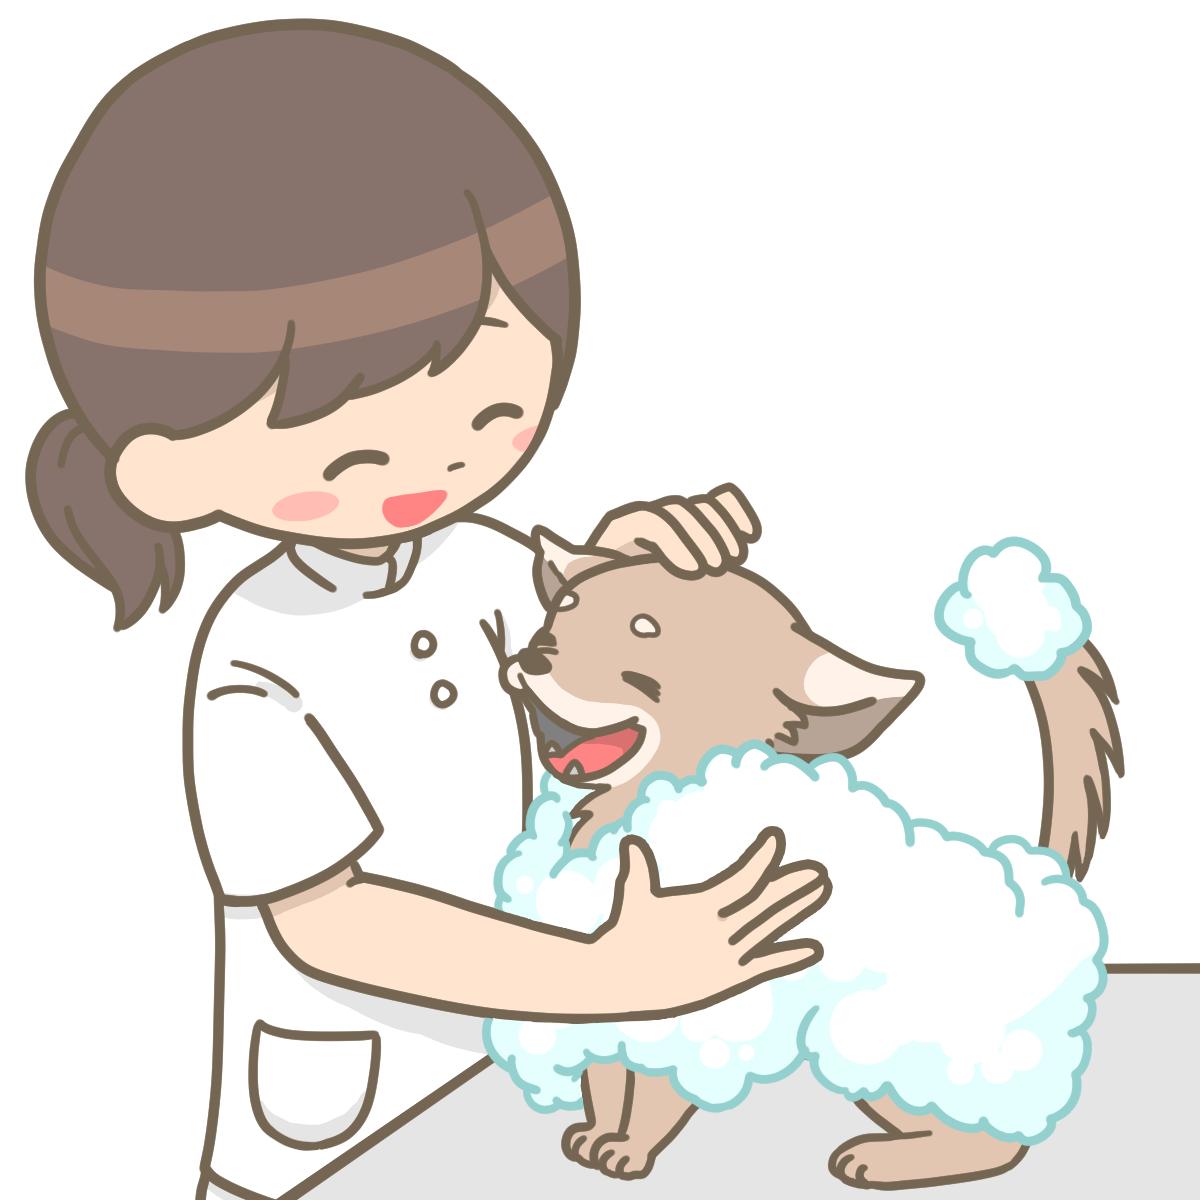 動物看護師が犬をシャンプーしているイラストフリー素材看護roo